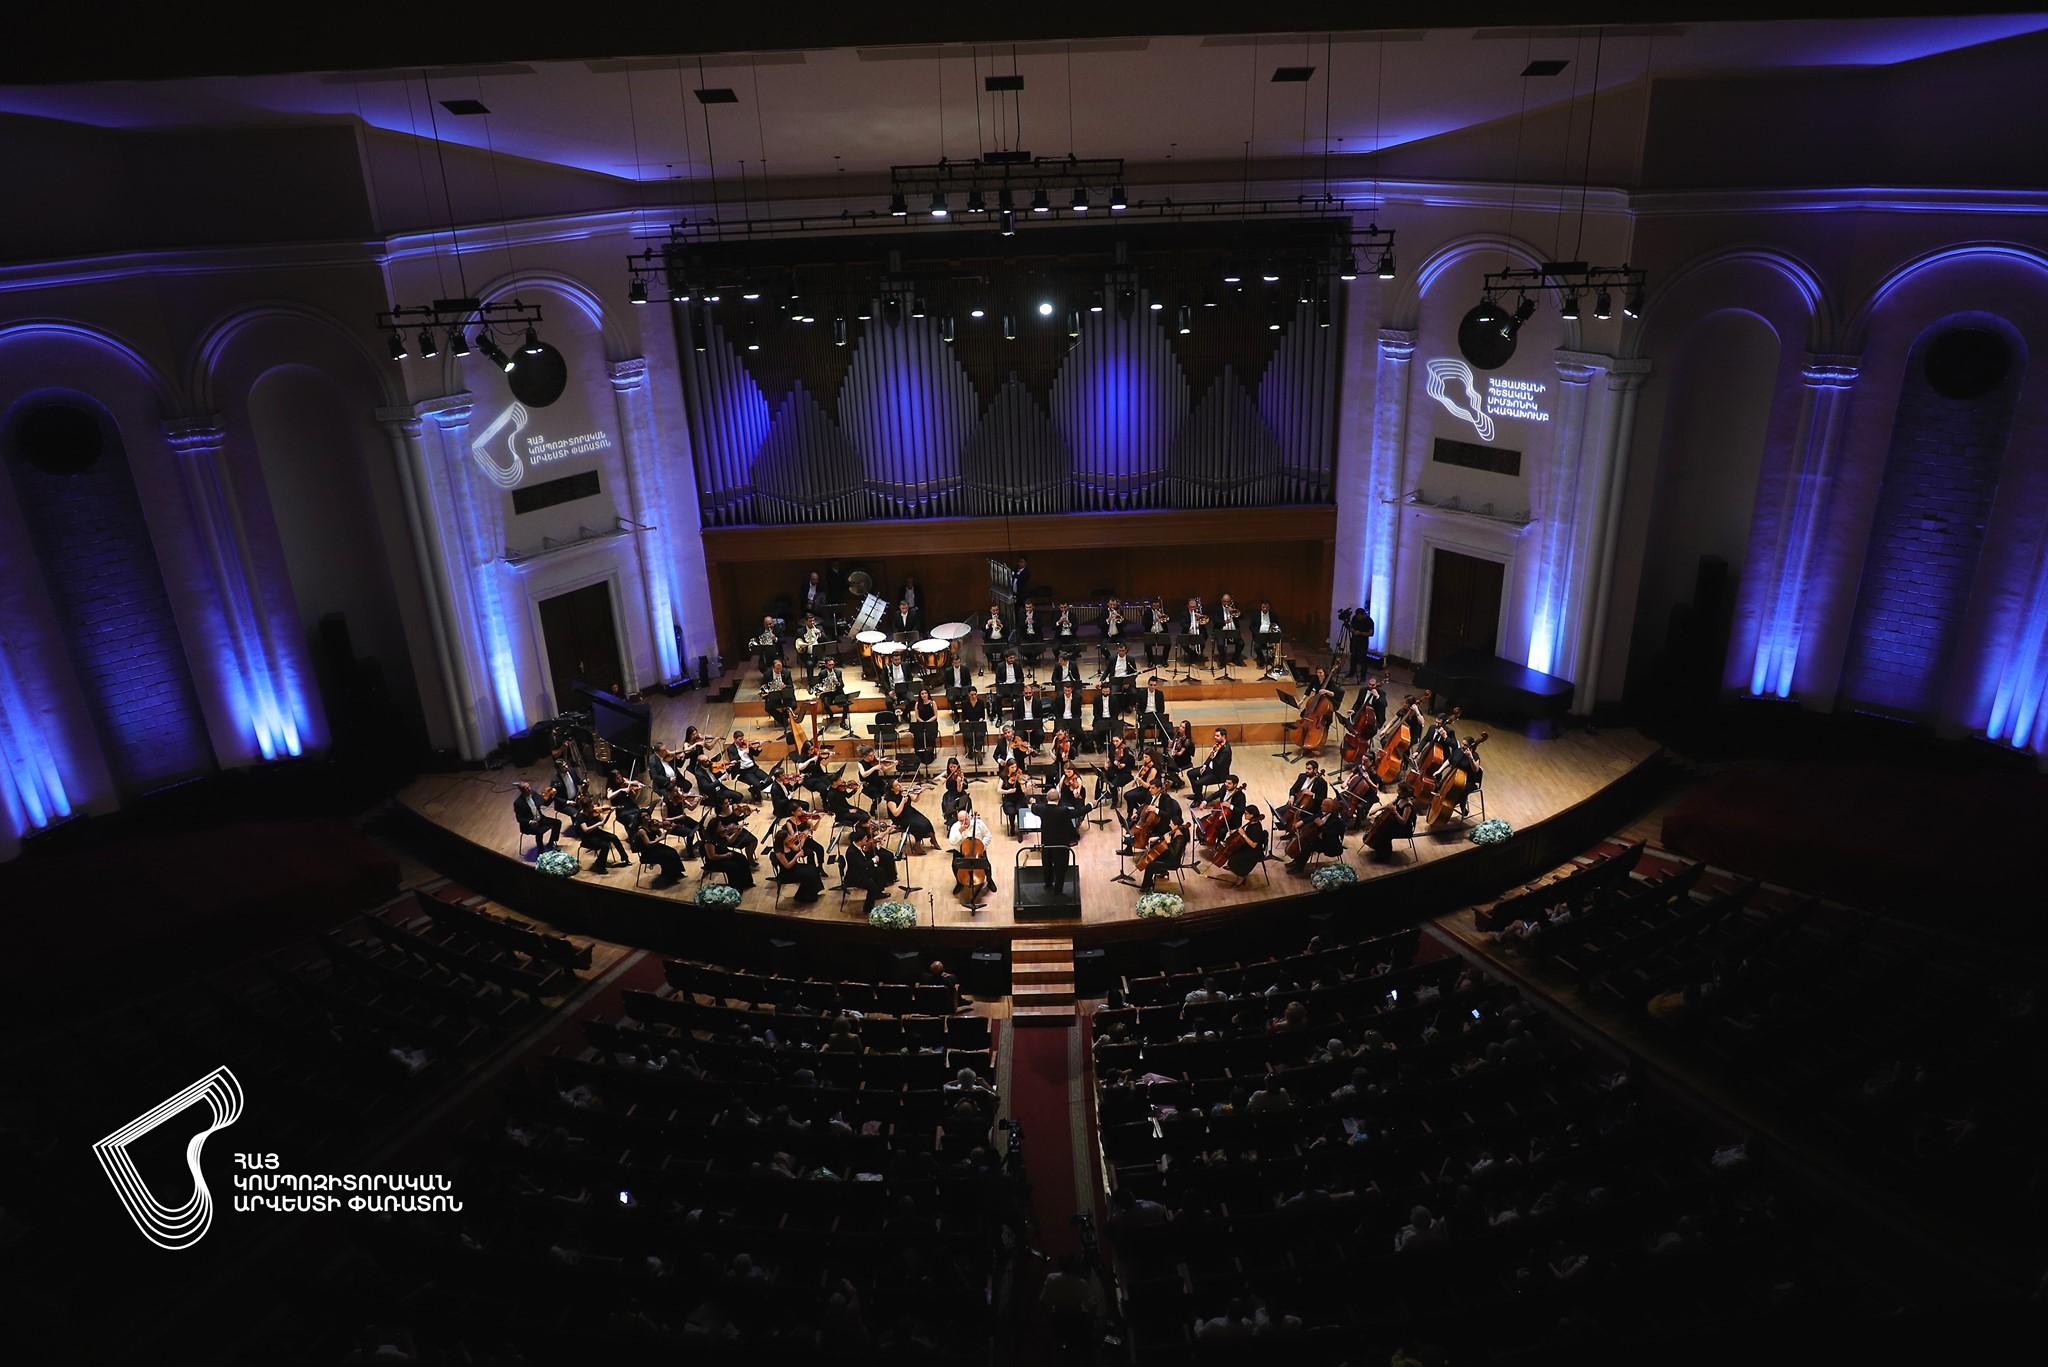 Photo of Ռուբեն Ասատրյան. «Հայ կոմպոզիտորների ստեղծագործությունները կատարելը հայրենասիրության դրսևորում է»